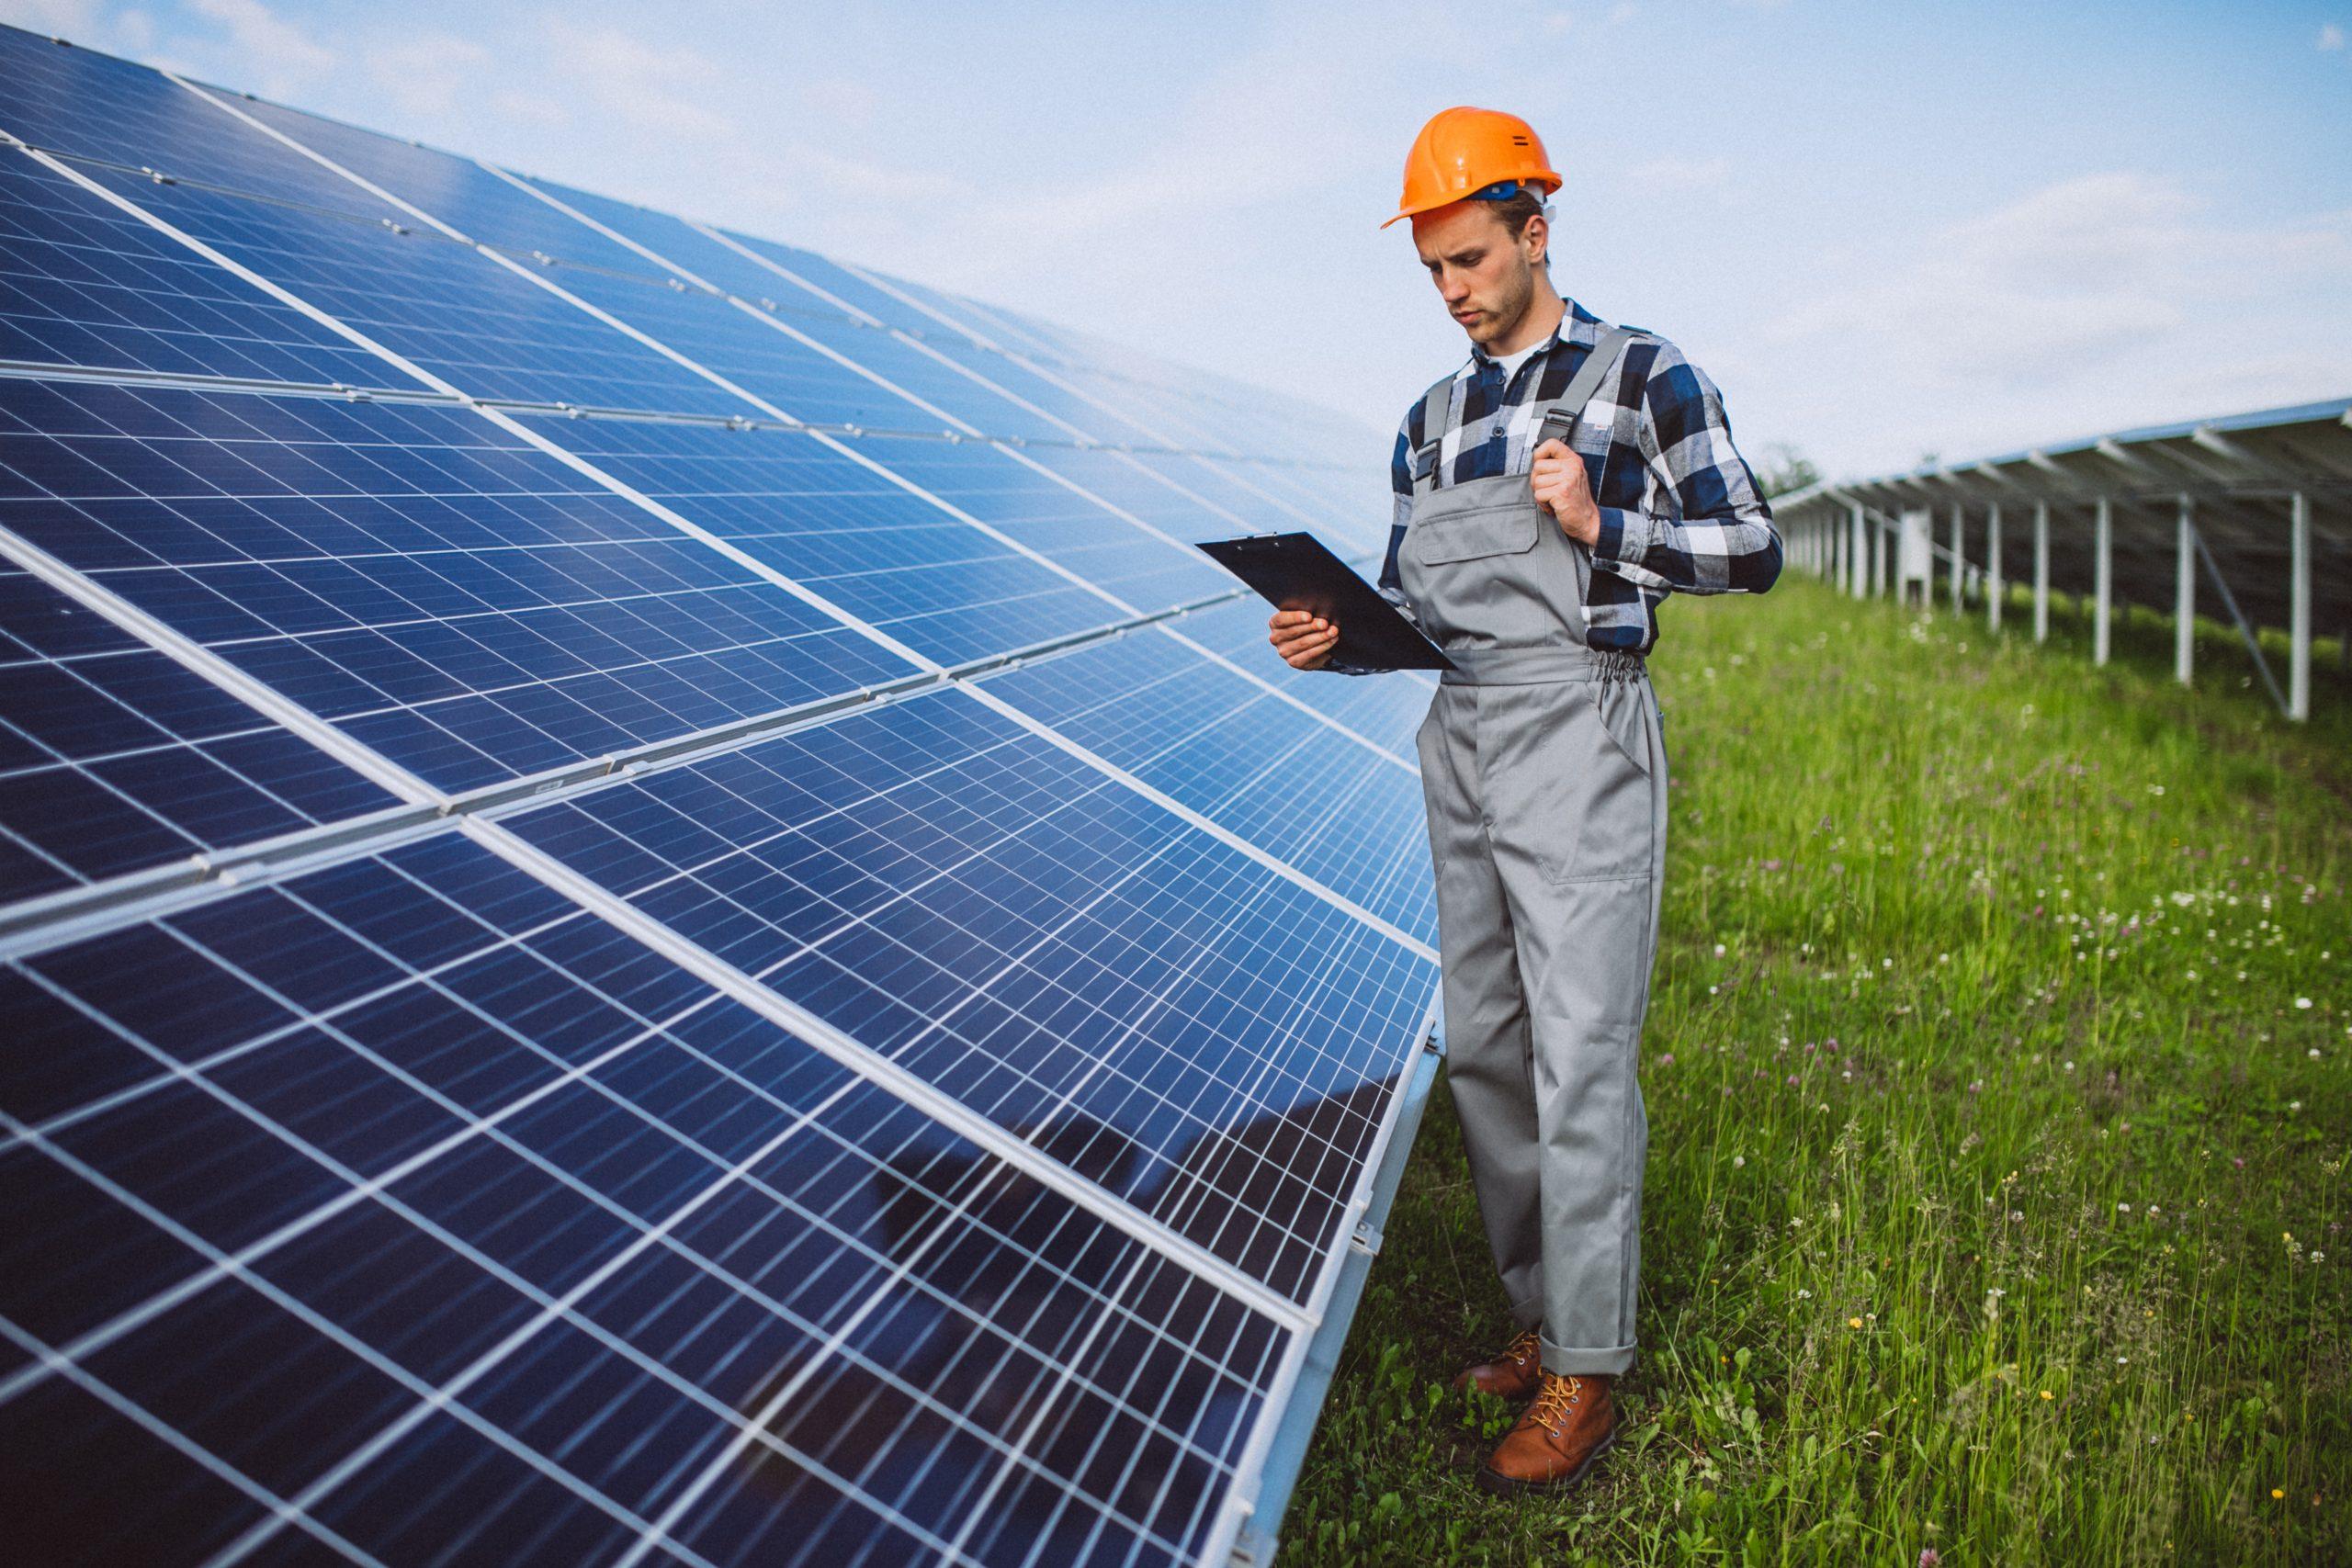 Região Centro-Oeste tem oportunidades de negócios para fornecedores e prestadores de serviço do setor solar